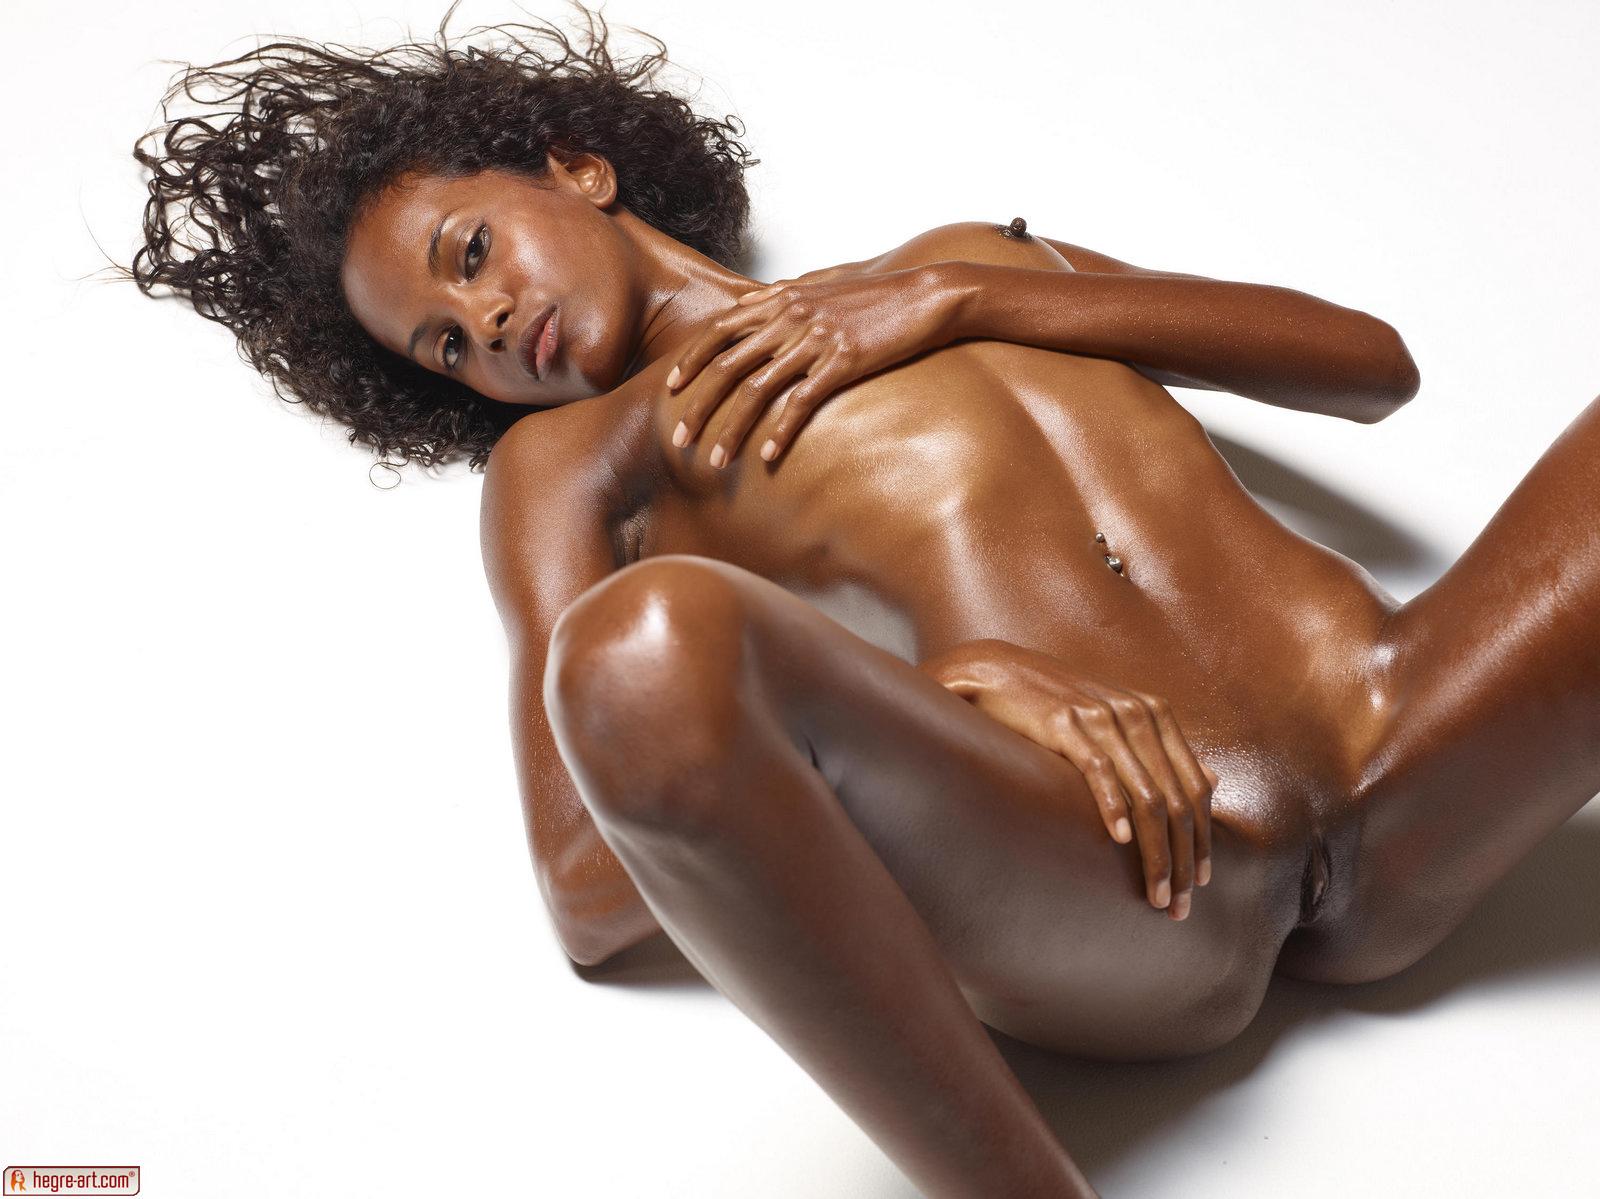 Zdjęcie porno - 058 - Nawilżona modelka